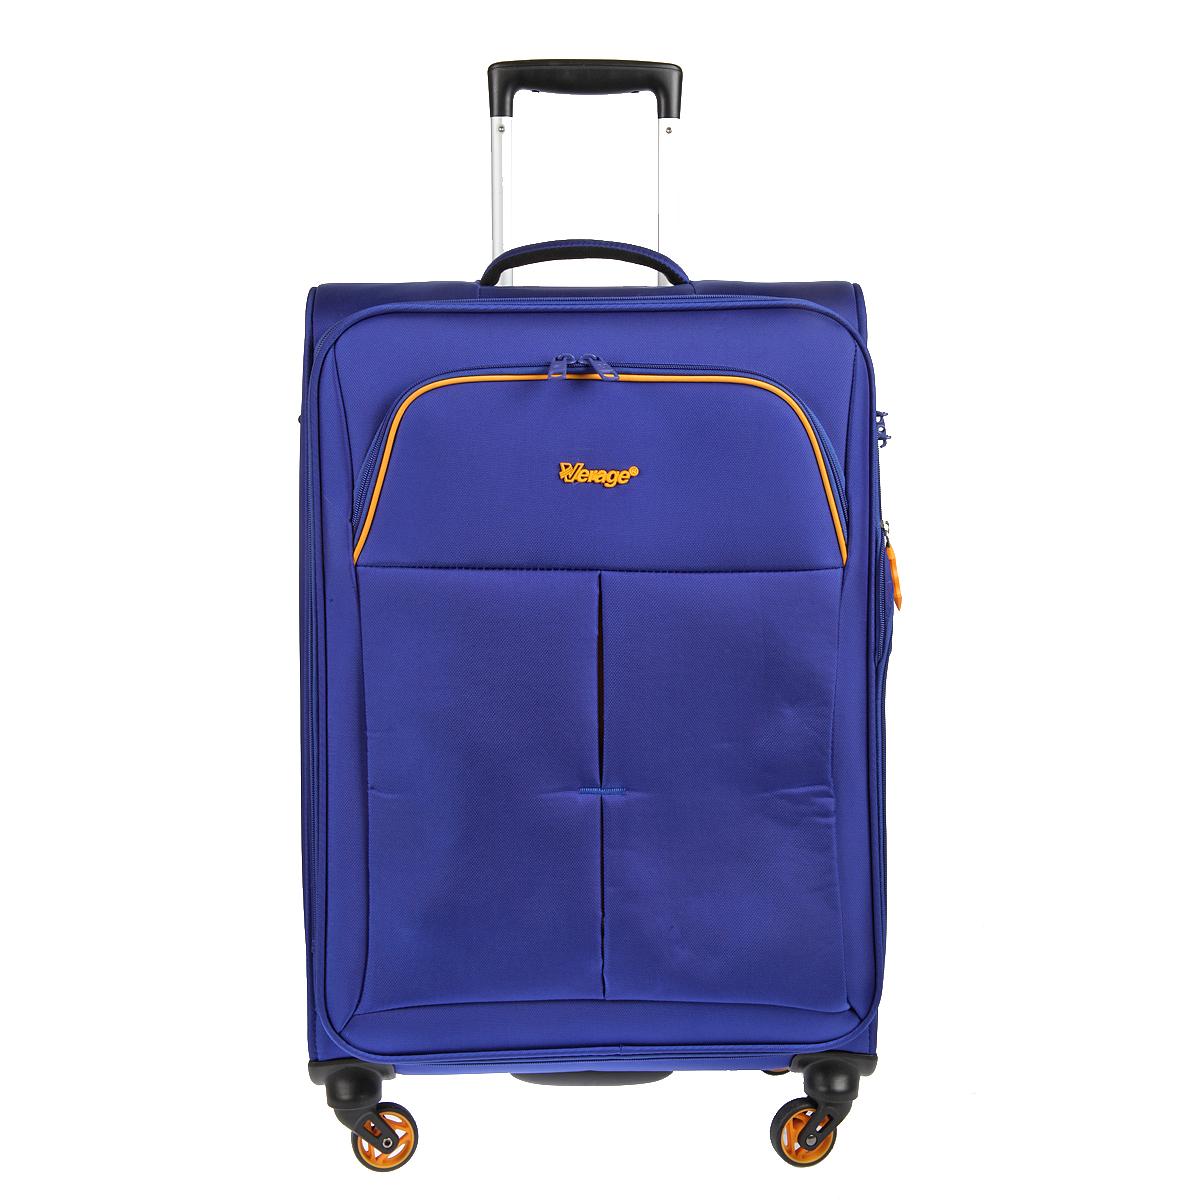 Чемодан-тележка Verage, цвет: синий, 58 л. GM14040w 24GM14040w 24 blueЧемодан-тележка Verage оснащен четырьмя колесиками 360°, верхней мягкой ручкой. Закрывается по периметру на двухстороннюю молнию. Сбоку и сверху расположены ручки, обеспечивающие удобство транспортировки. Внутри один отдел для одежды и один сетчатый карман на молнии. Снаружи на передней стенке карман на молнии. Возможность увеличения чемодана на 20% (за счет молнии). Встроенный кодовый замок с функцией TSA Также имеется выдвижная ручка, максимальная высота 47 см.